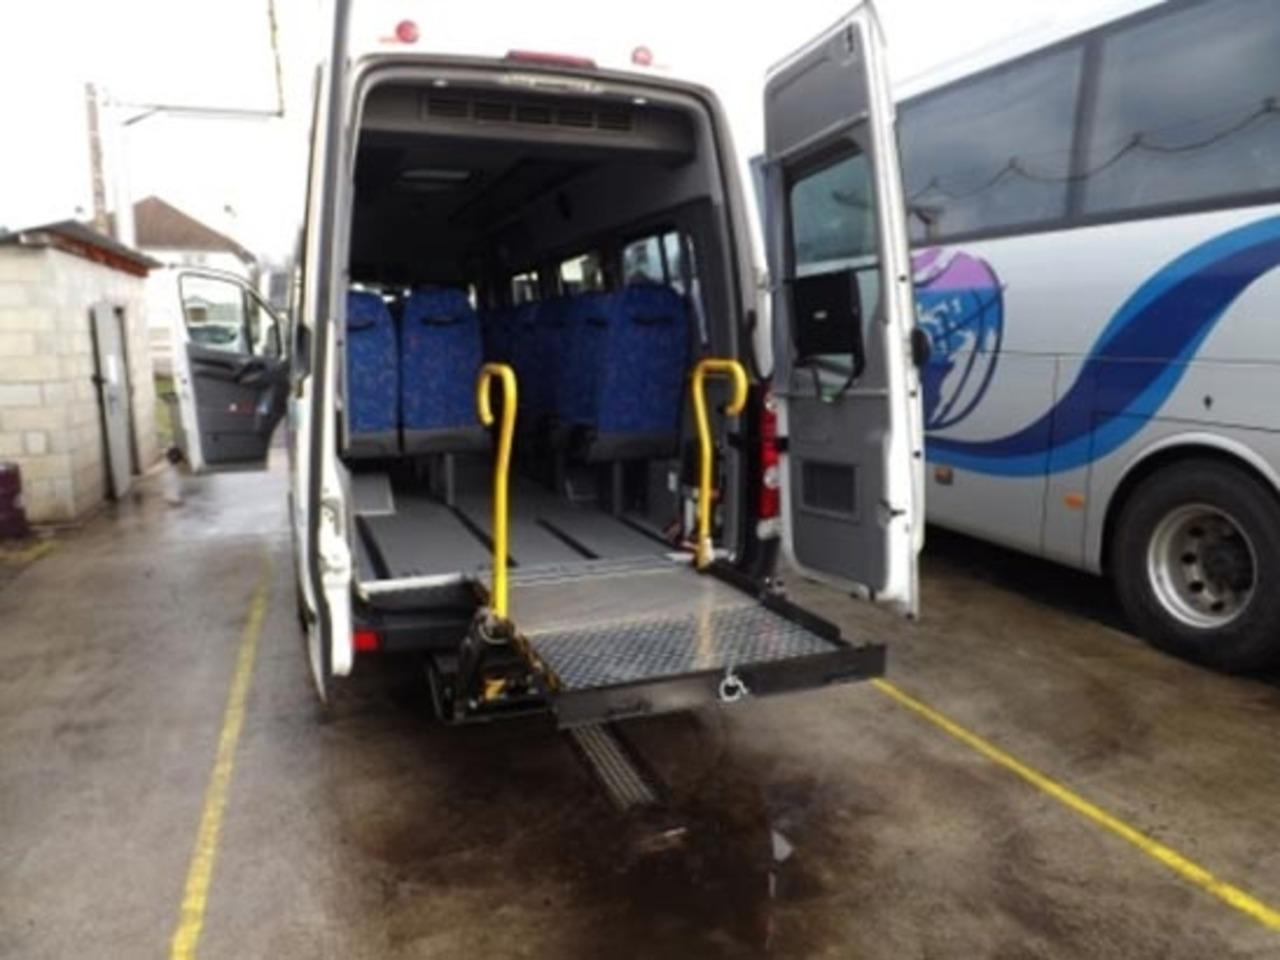 Location de minibus tulle